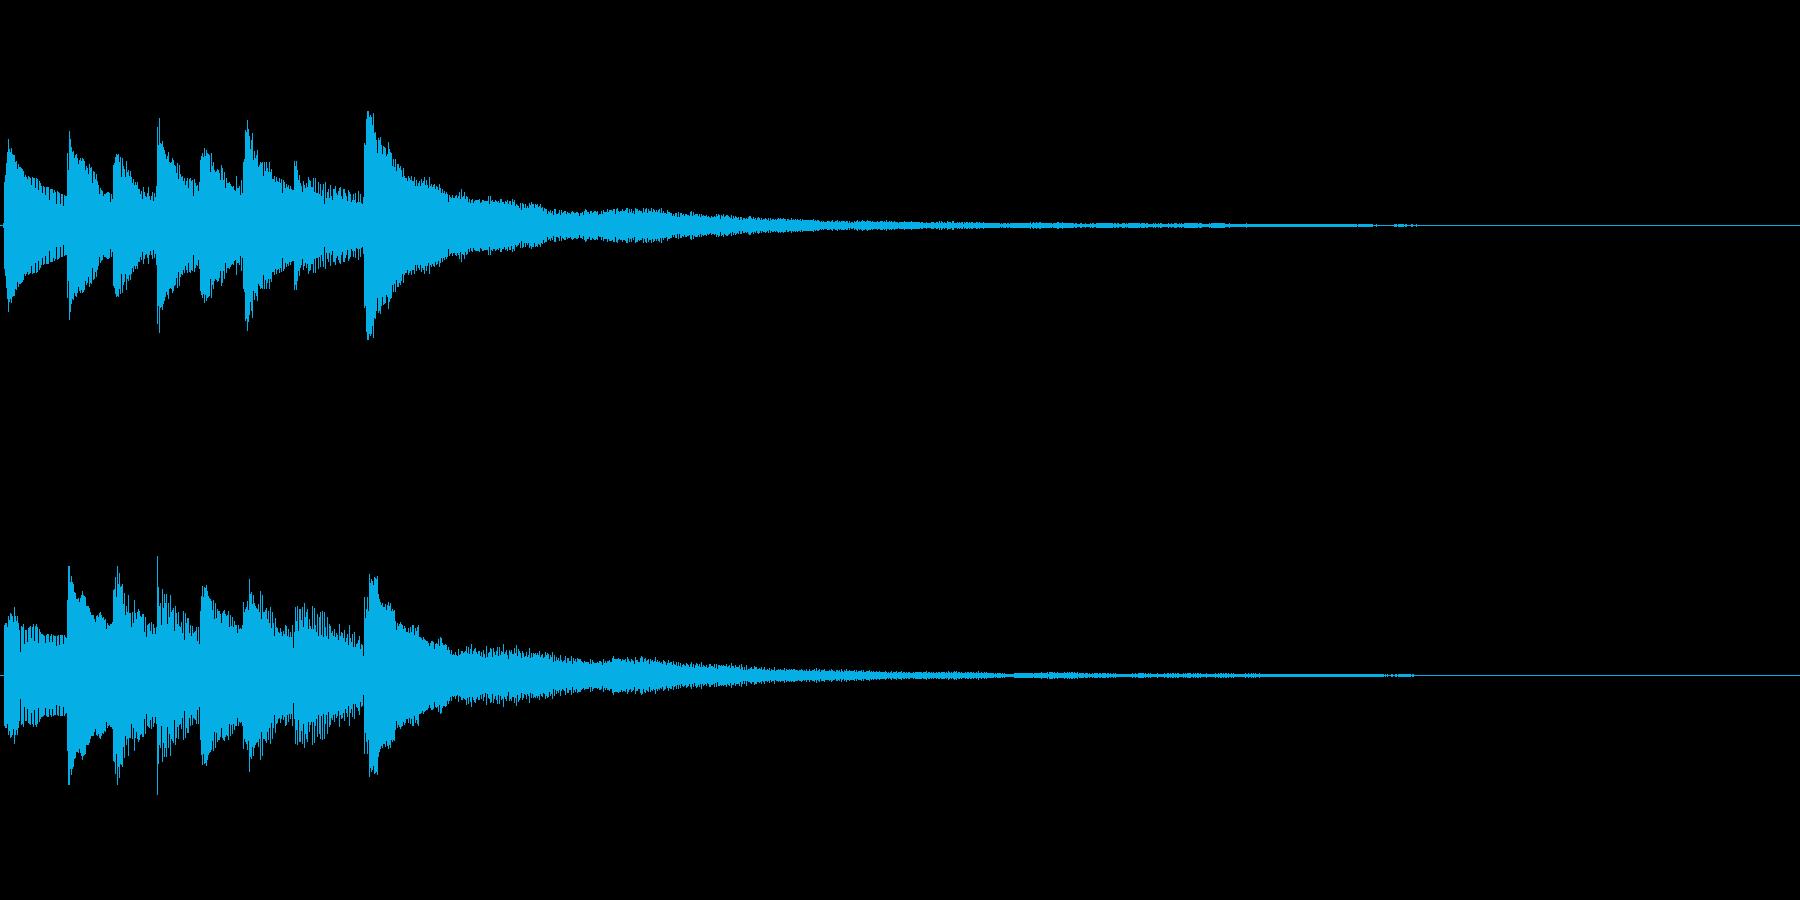 ピアノソロサウンドロゴ 優雅 大人 04の再生済みの波形